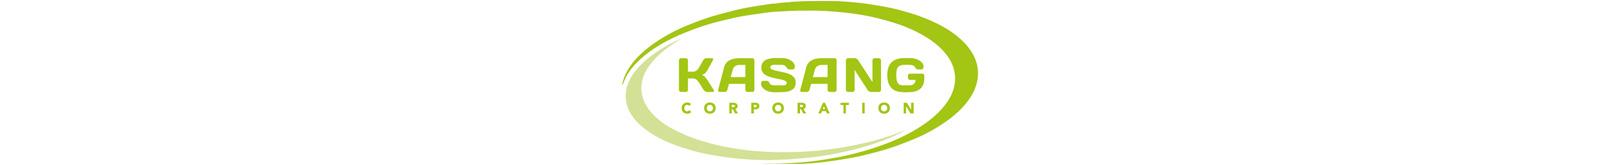 KASANG-logo_green-strap.png